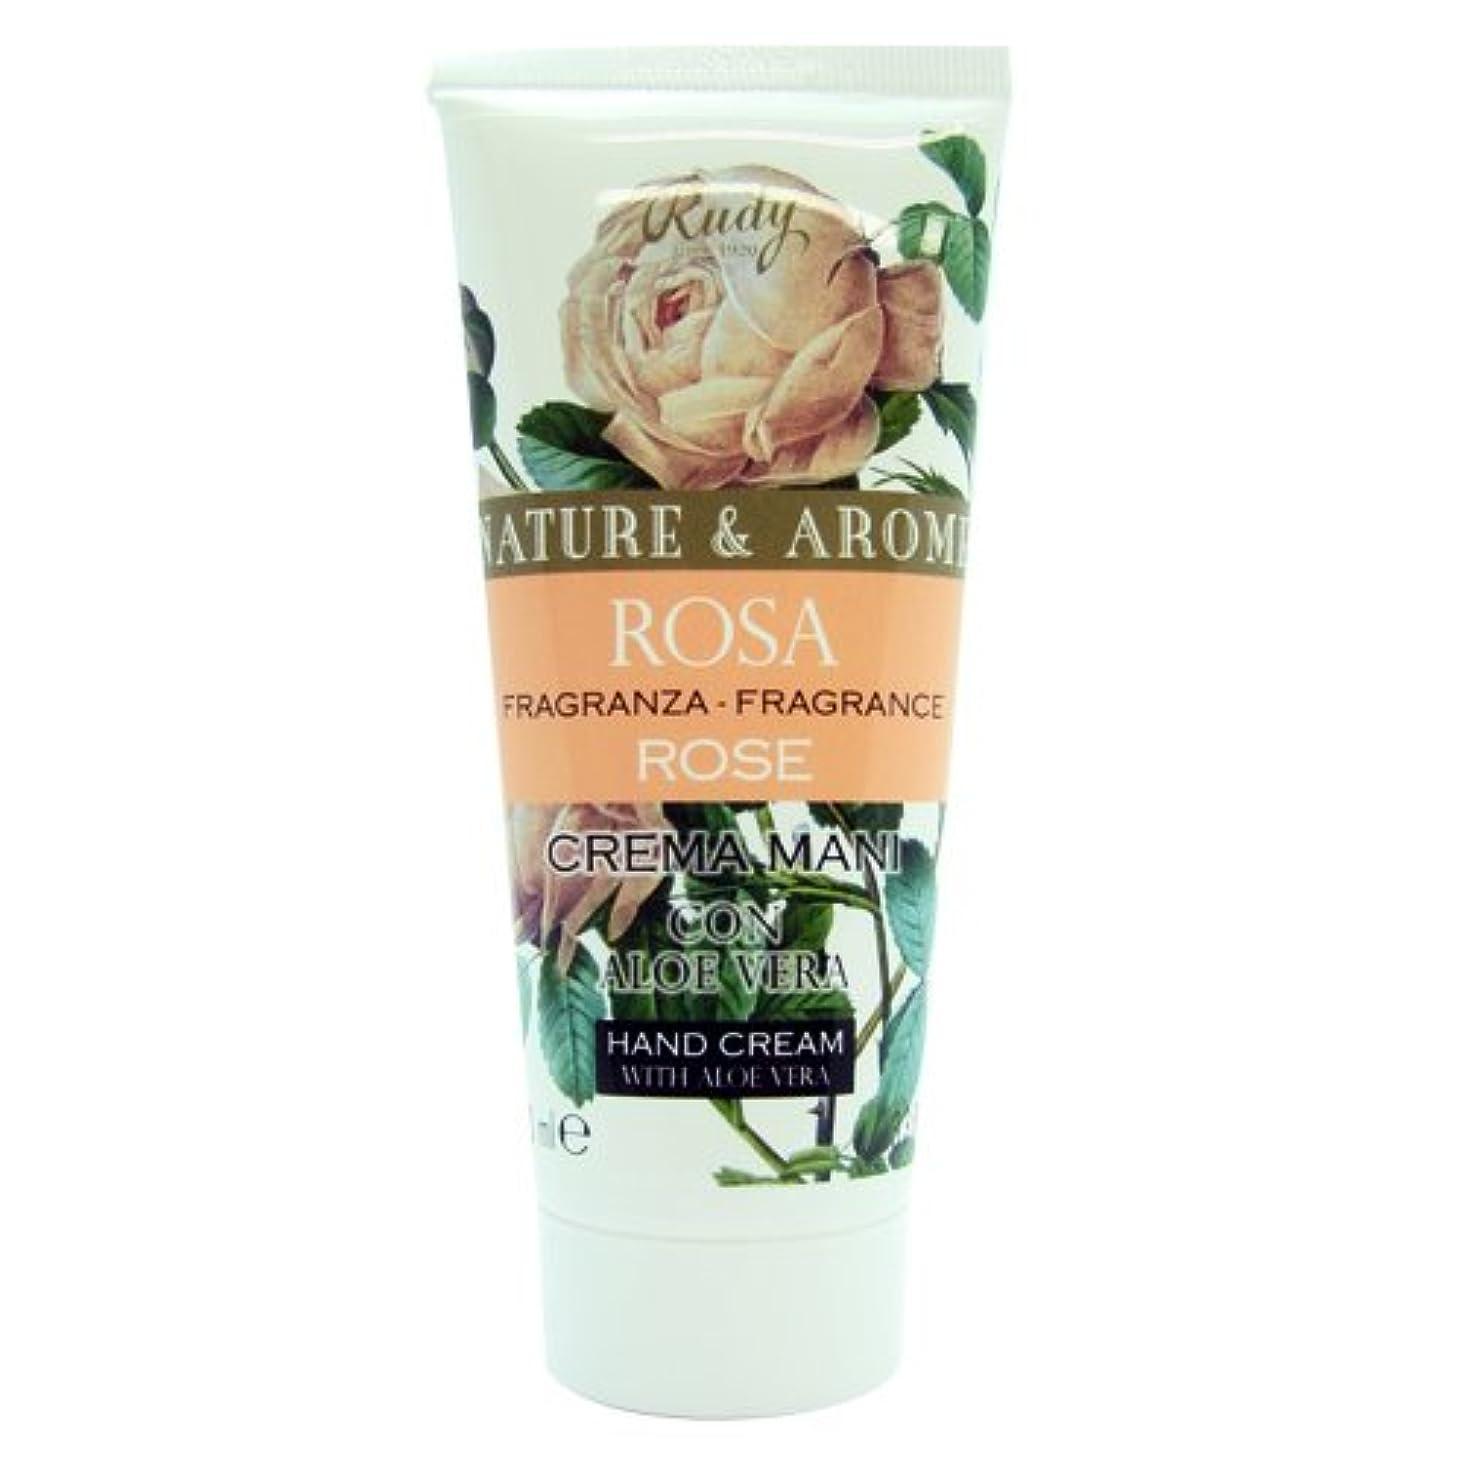 外出続けるおじさんRUDY Nature&Arome SERIES ルディ ナチュール&アロマ Hand Cream ハンドクリーム Rose ローズ